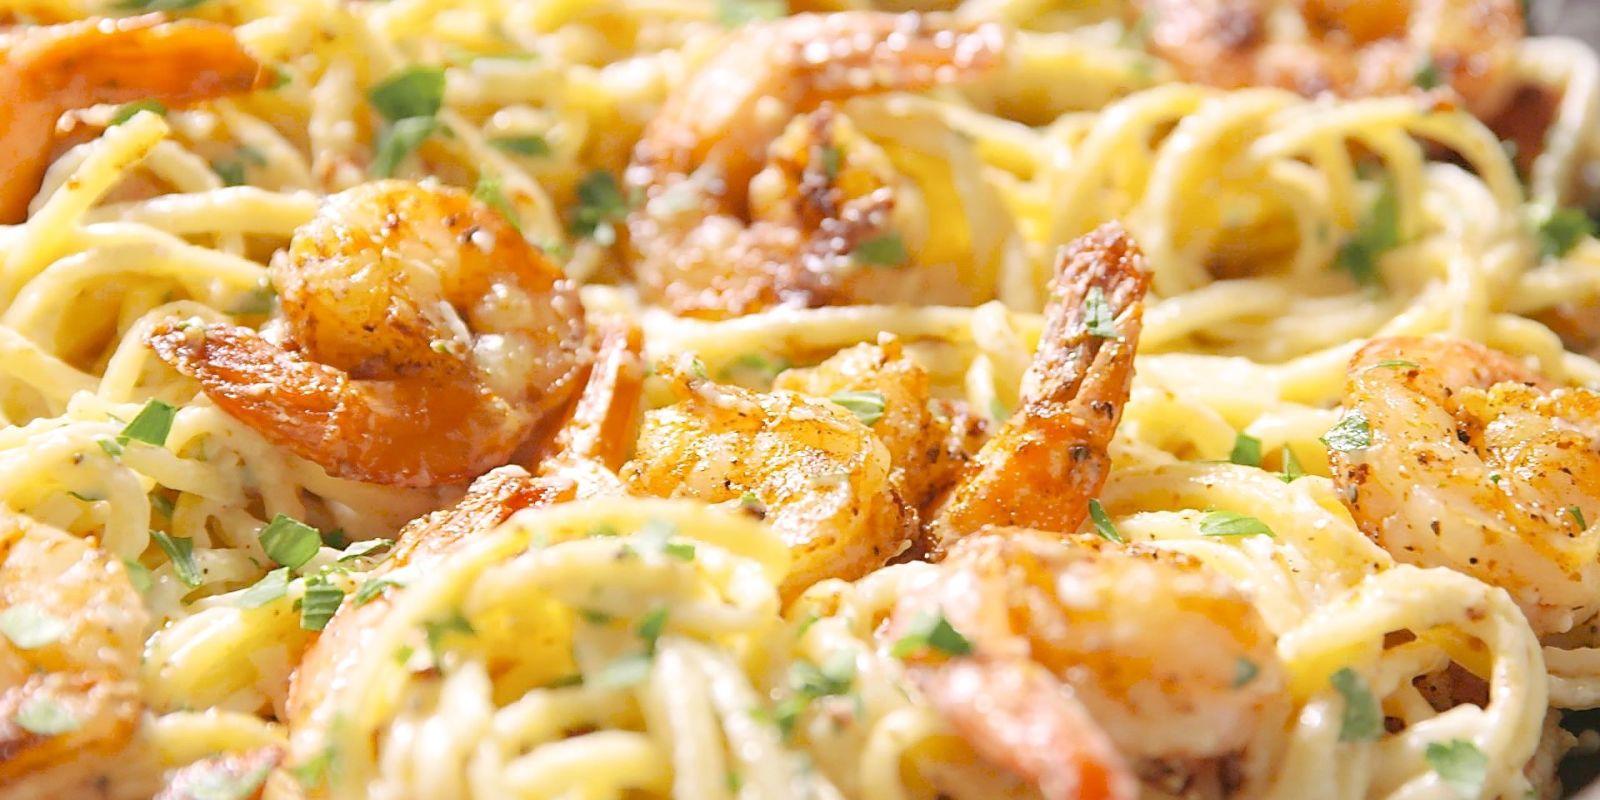 Cajun Shrimp Pasta recipe for managing PCOS and pregnancy ...